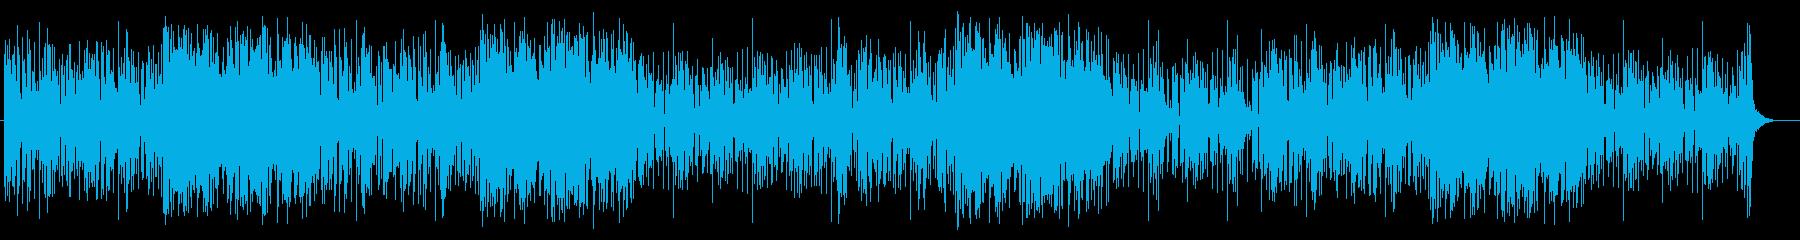 落ち着いたテンポのまったりミュージックの再生済みの波形